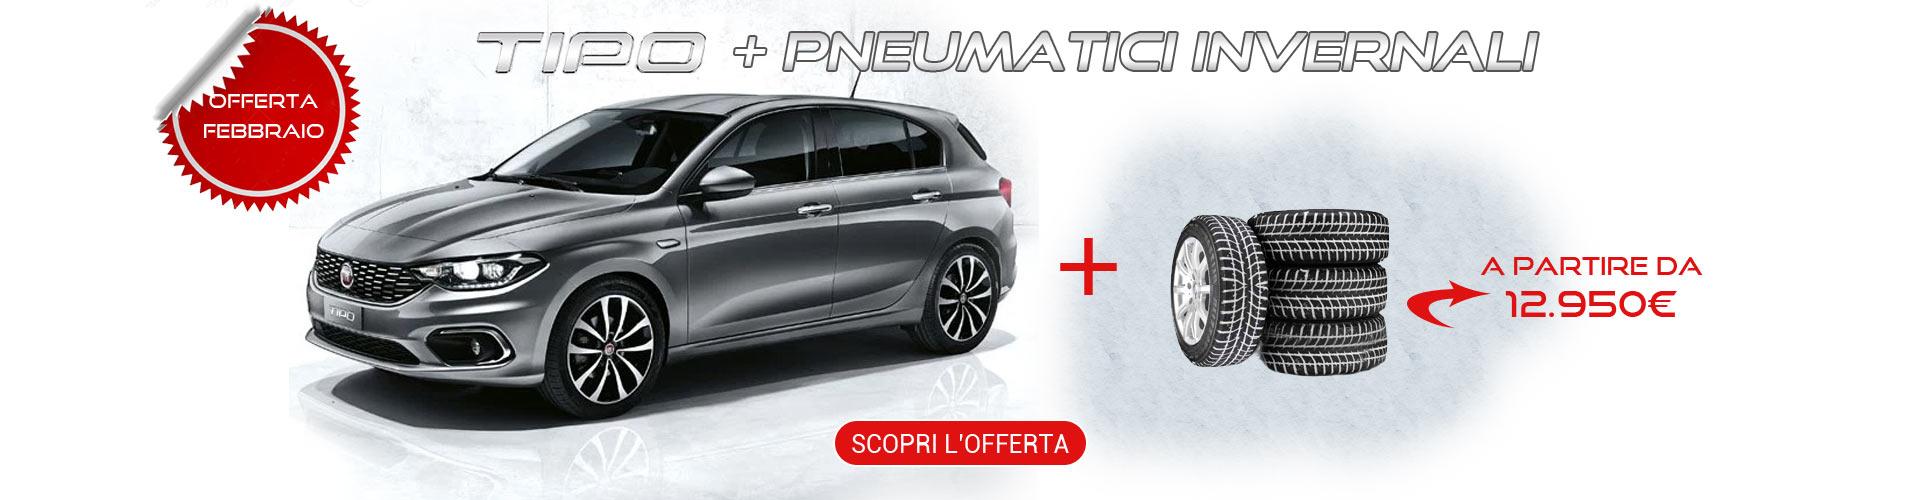 Fiat Tipo con pneumatici invernali